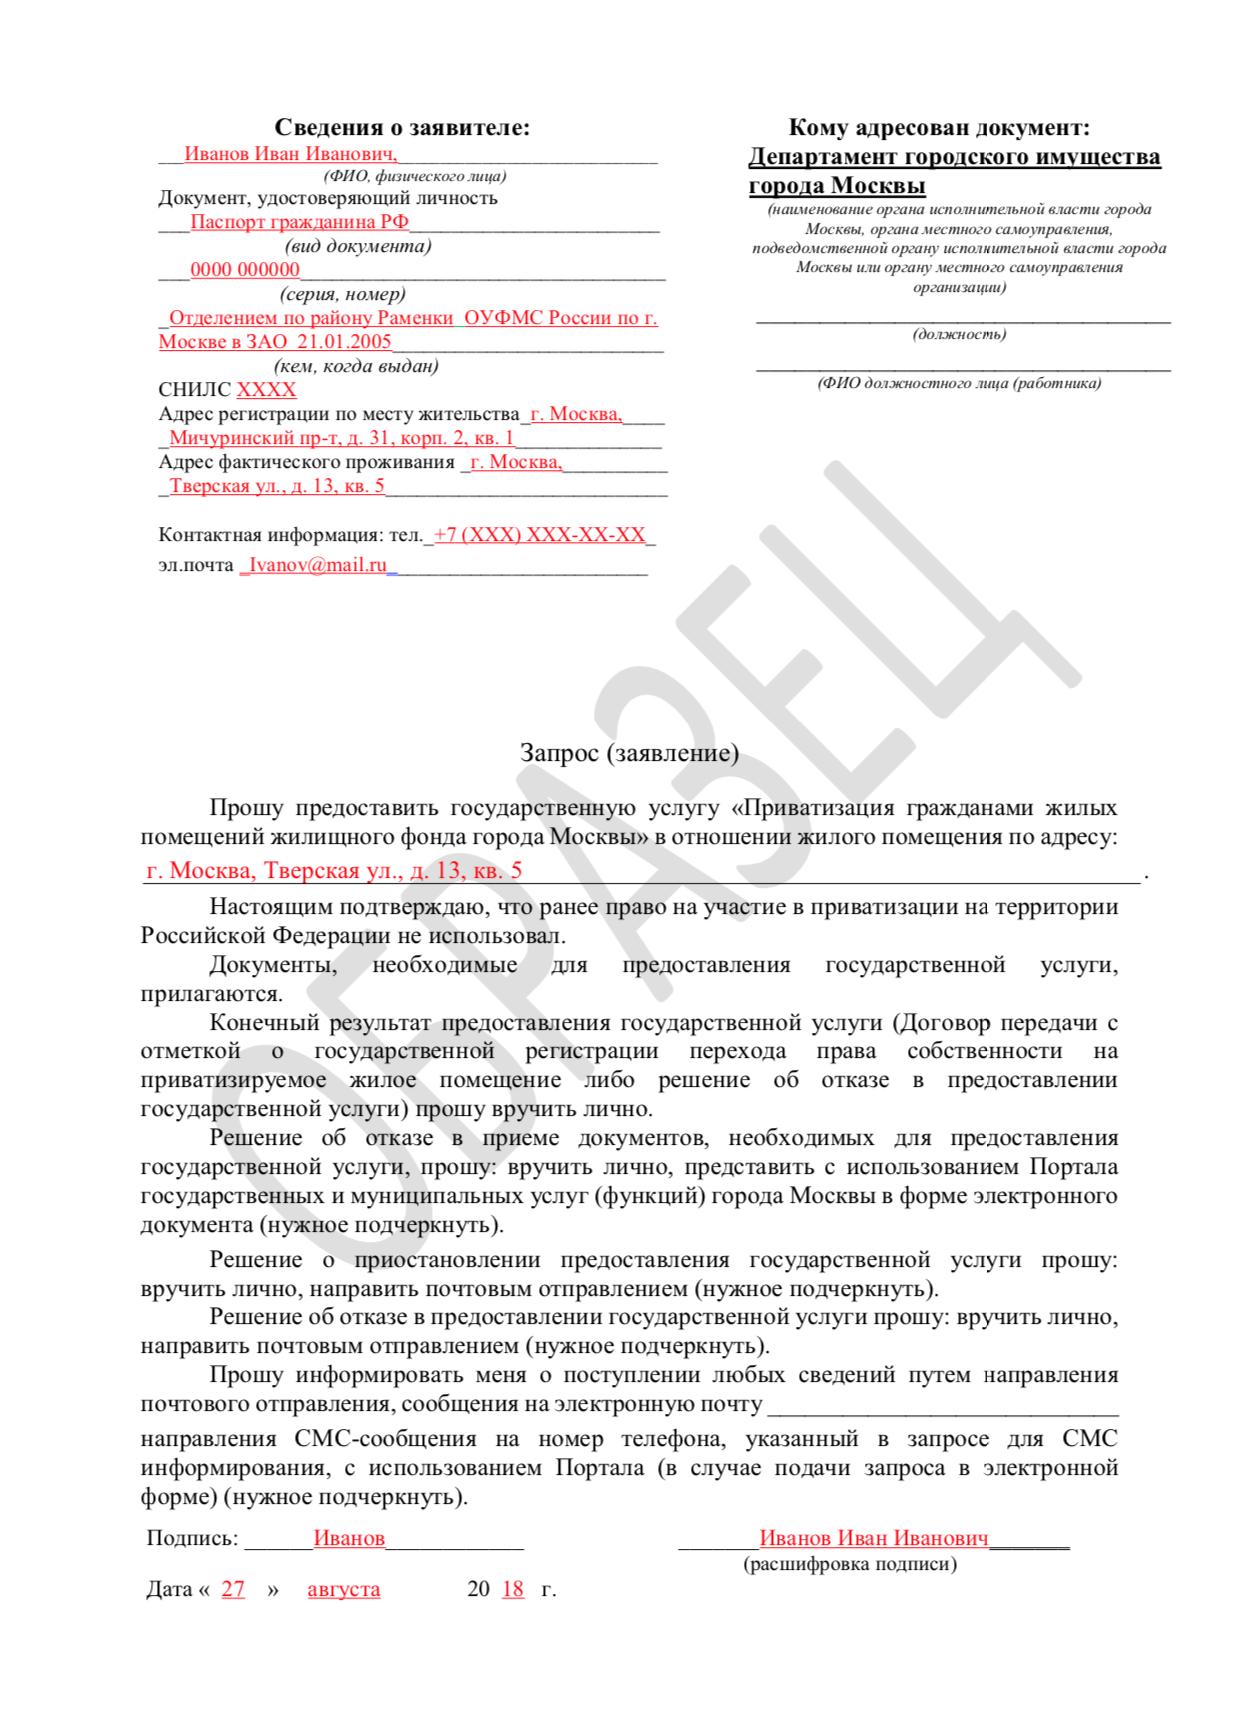 Образец заявления, которое надо подать, если вы приватизируете квартиру в Москве